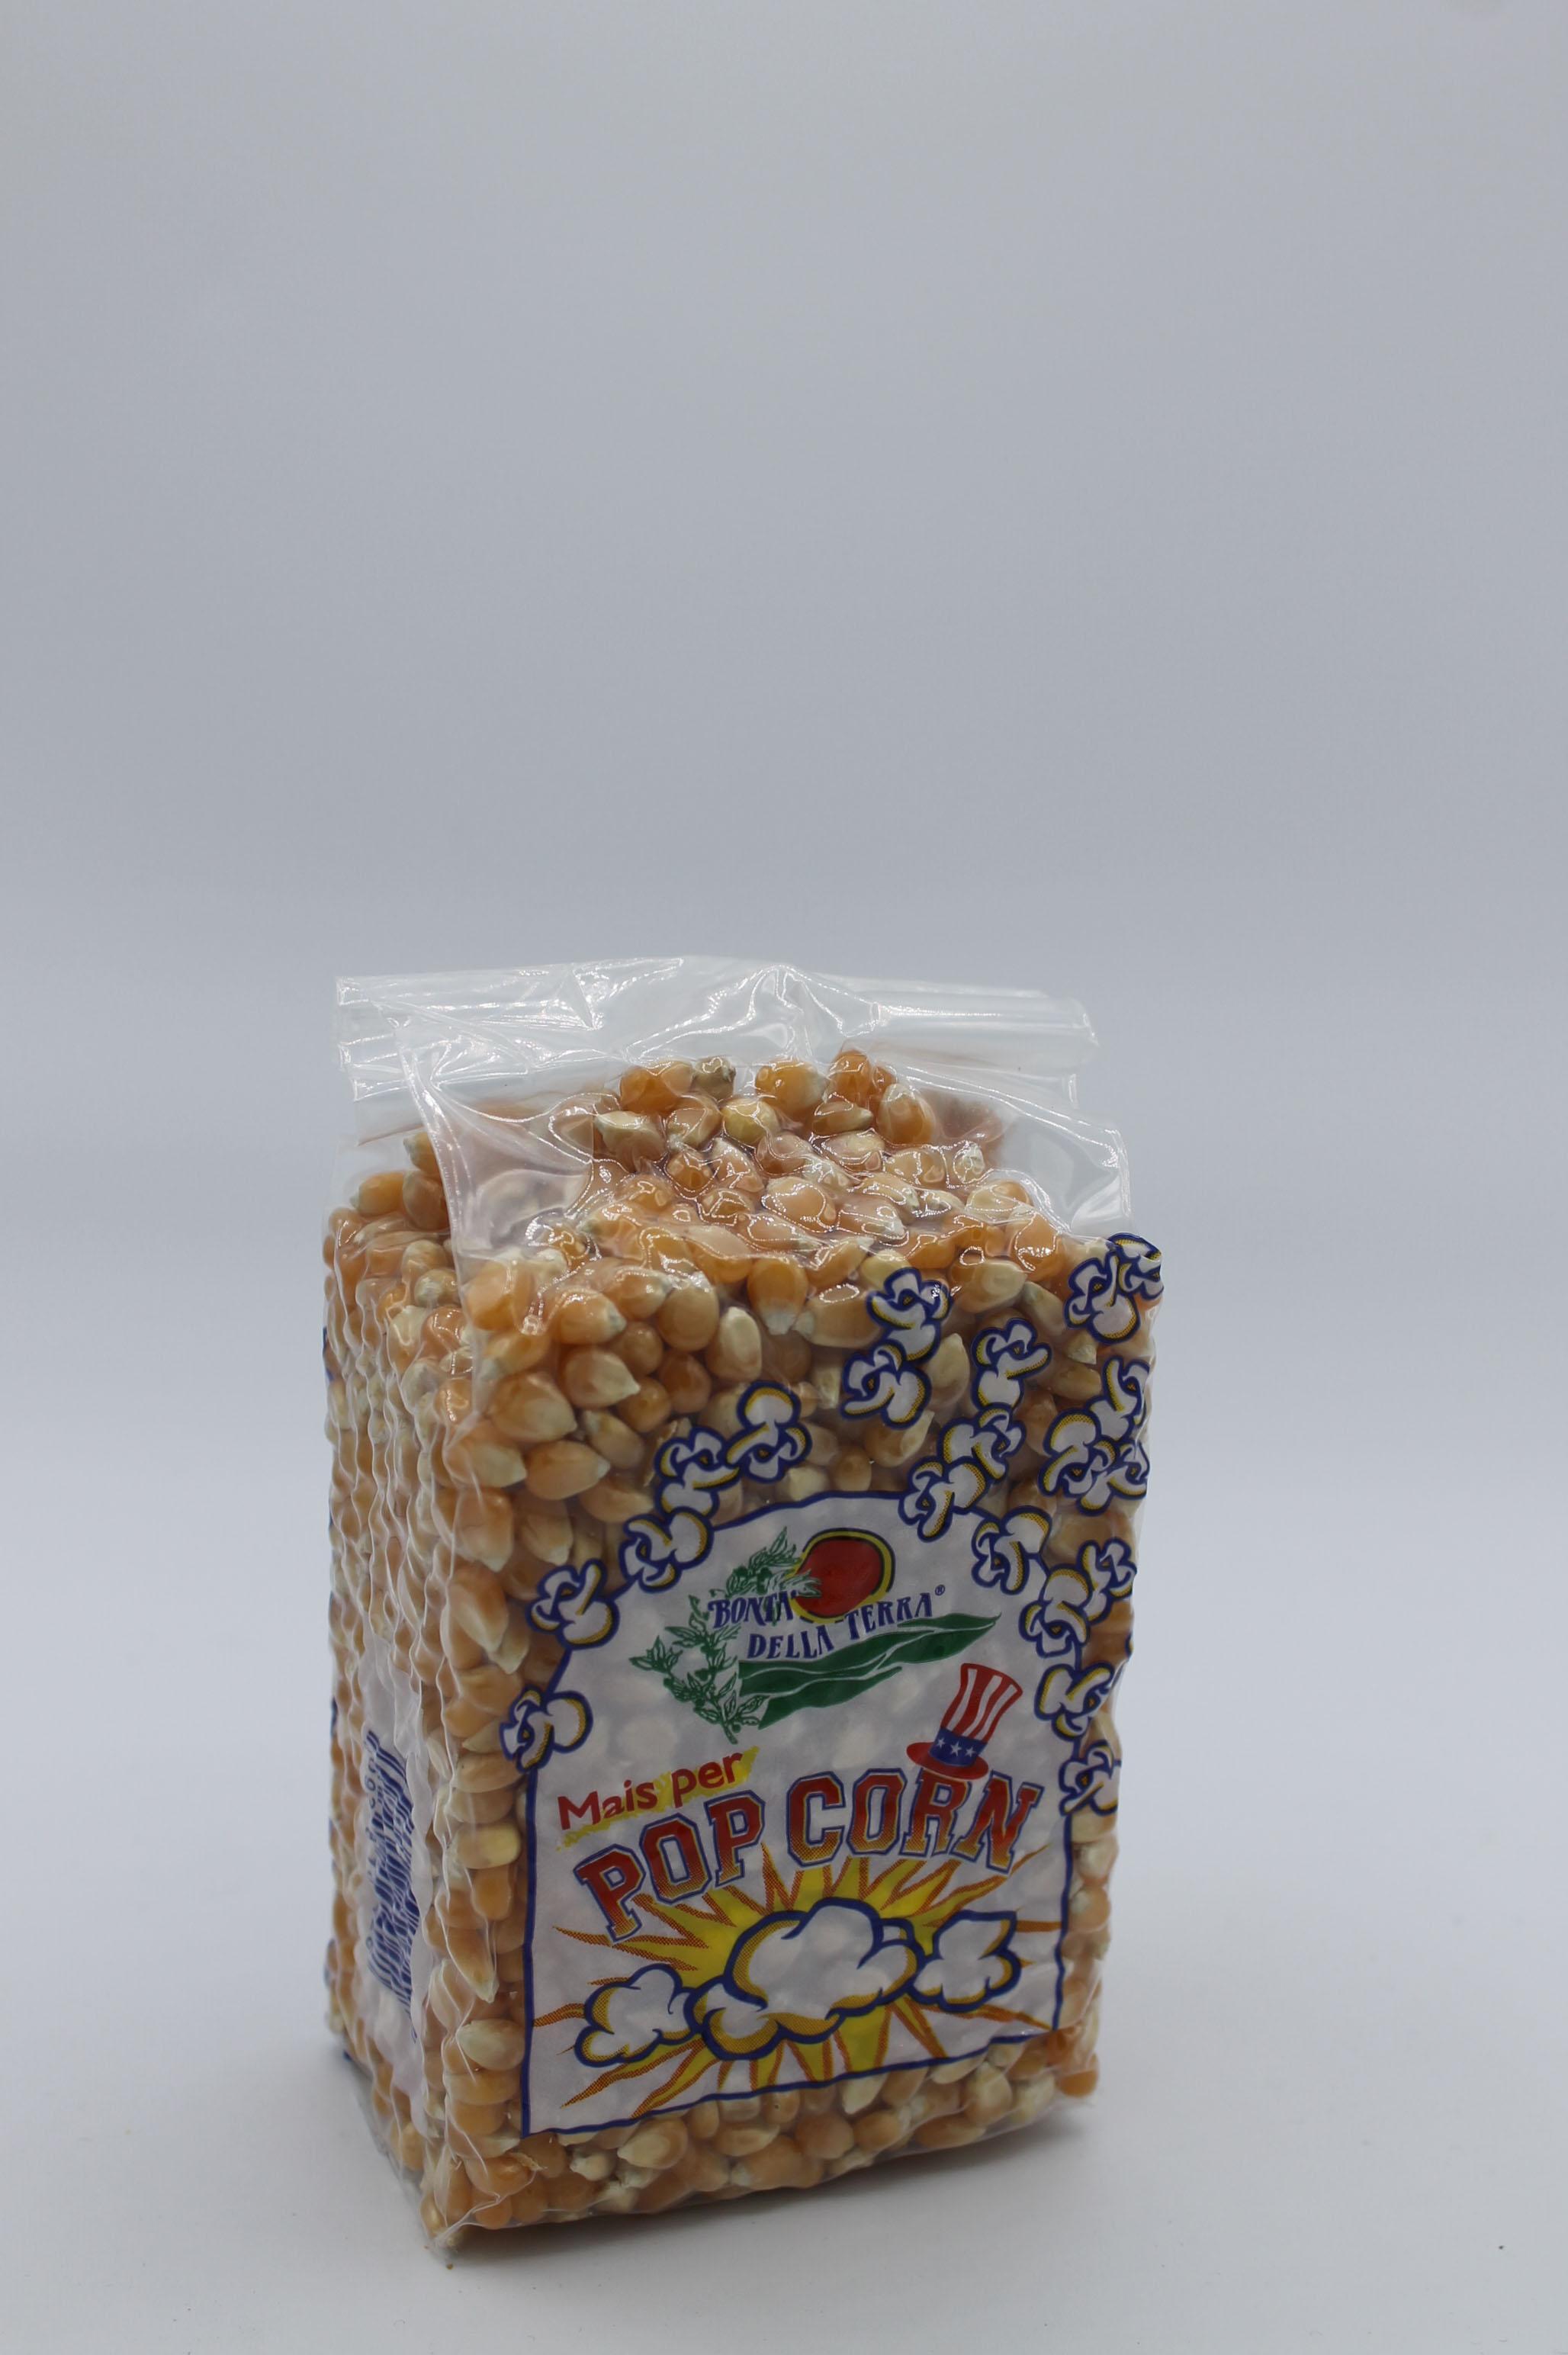 Bontà Della Terra mais per pop corn 500gr.